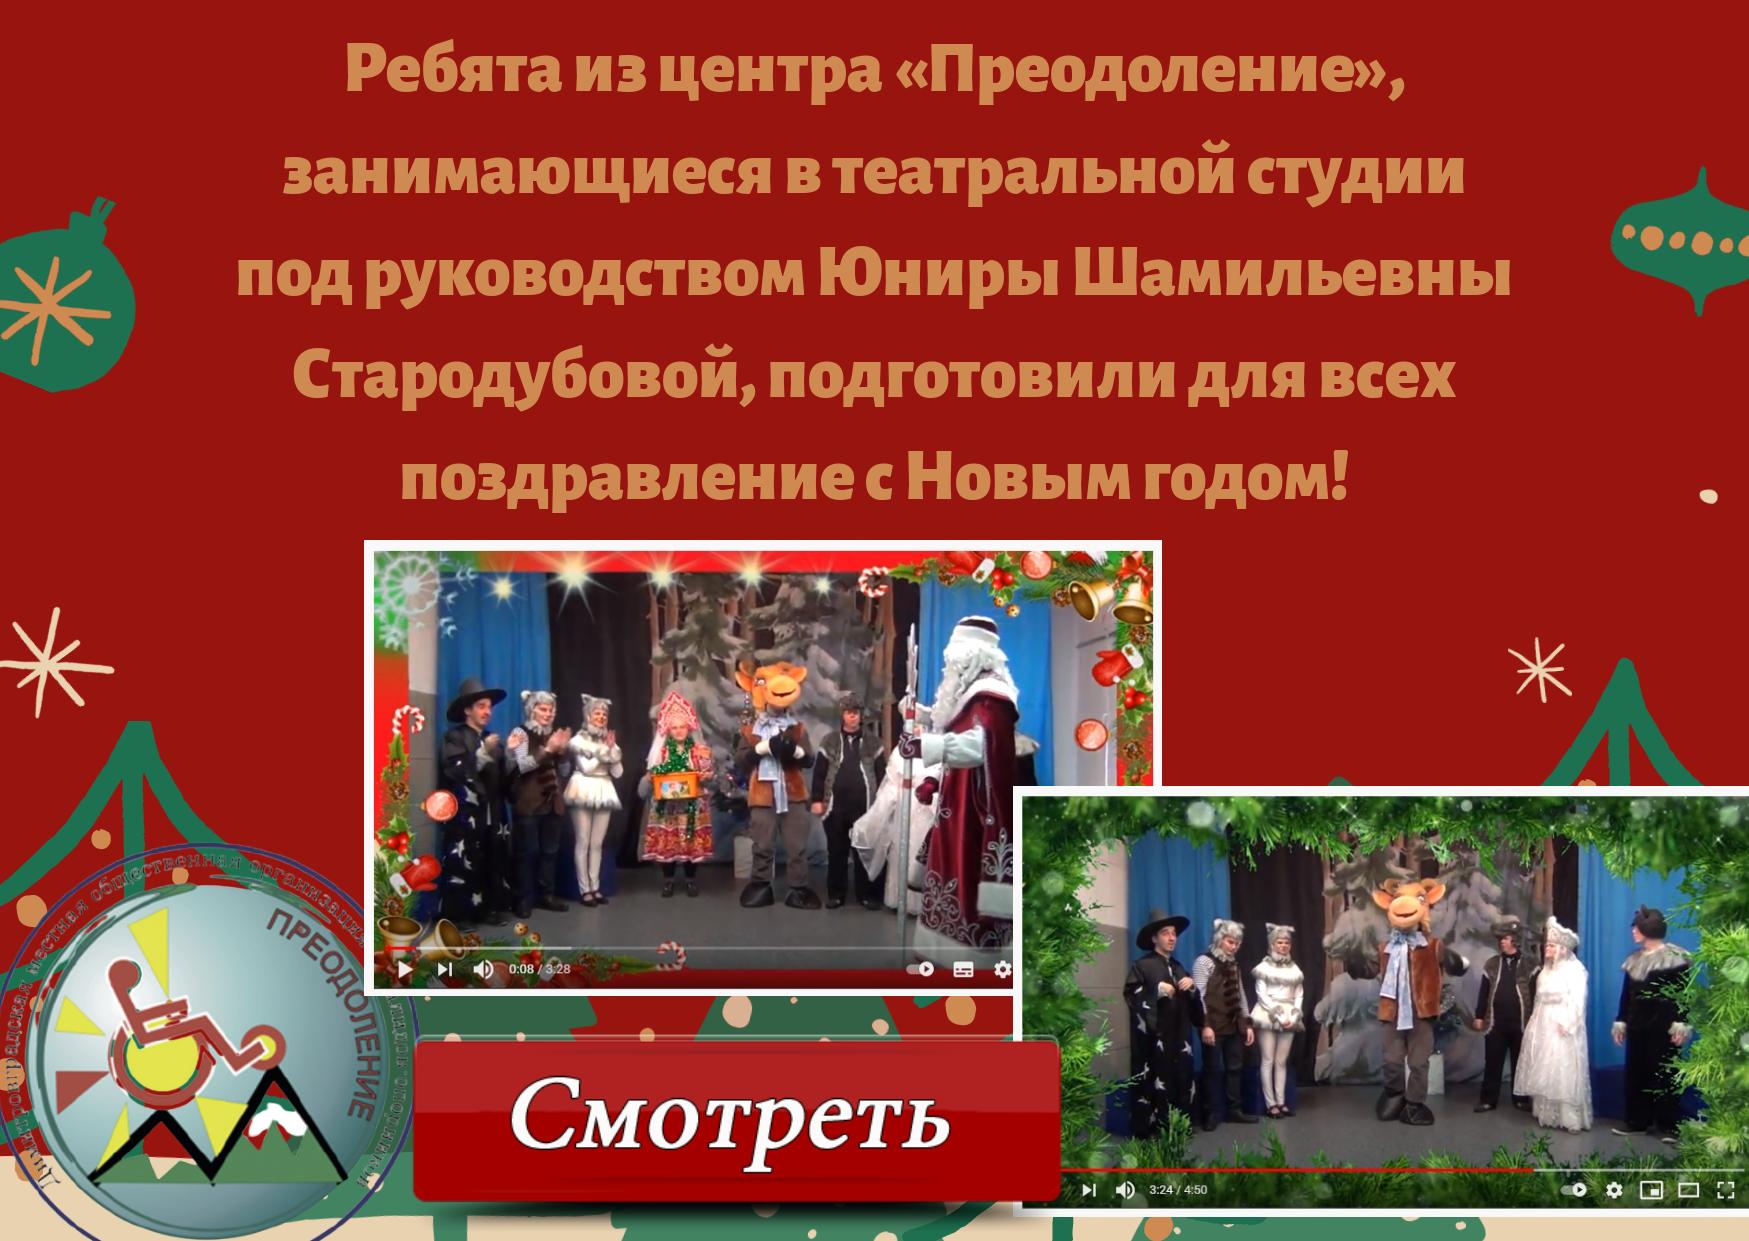 Ребята из центра «Преодоление», занимающиеся в театральной студии под руководством Юниры Шамильевны Стародубовой, подготовили для всех поздравление с Новым годом!